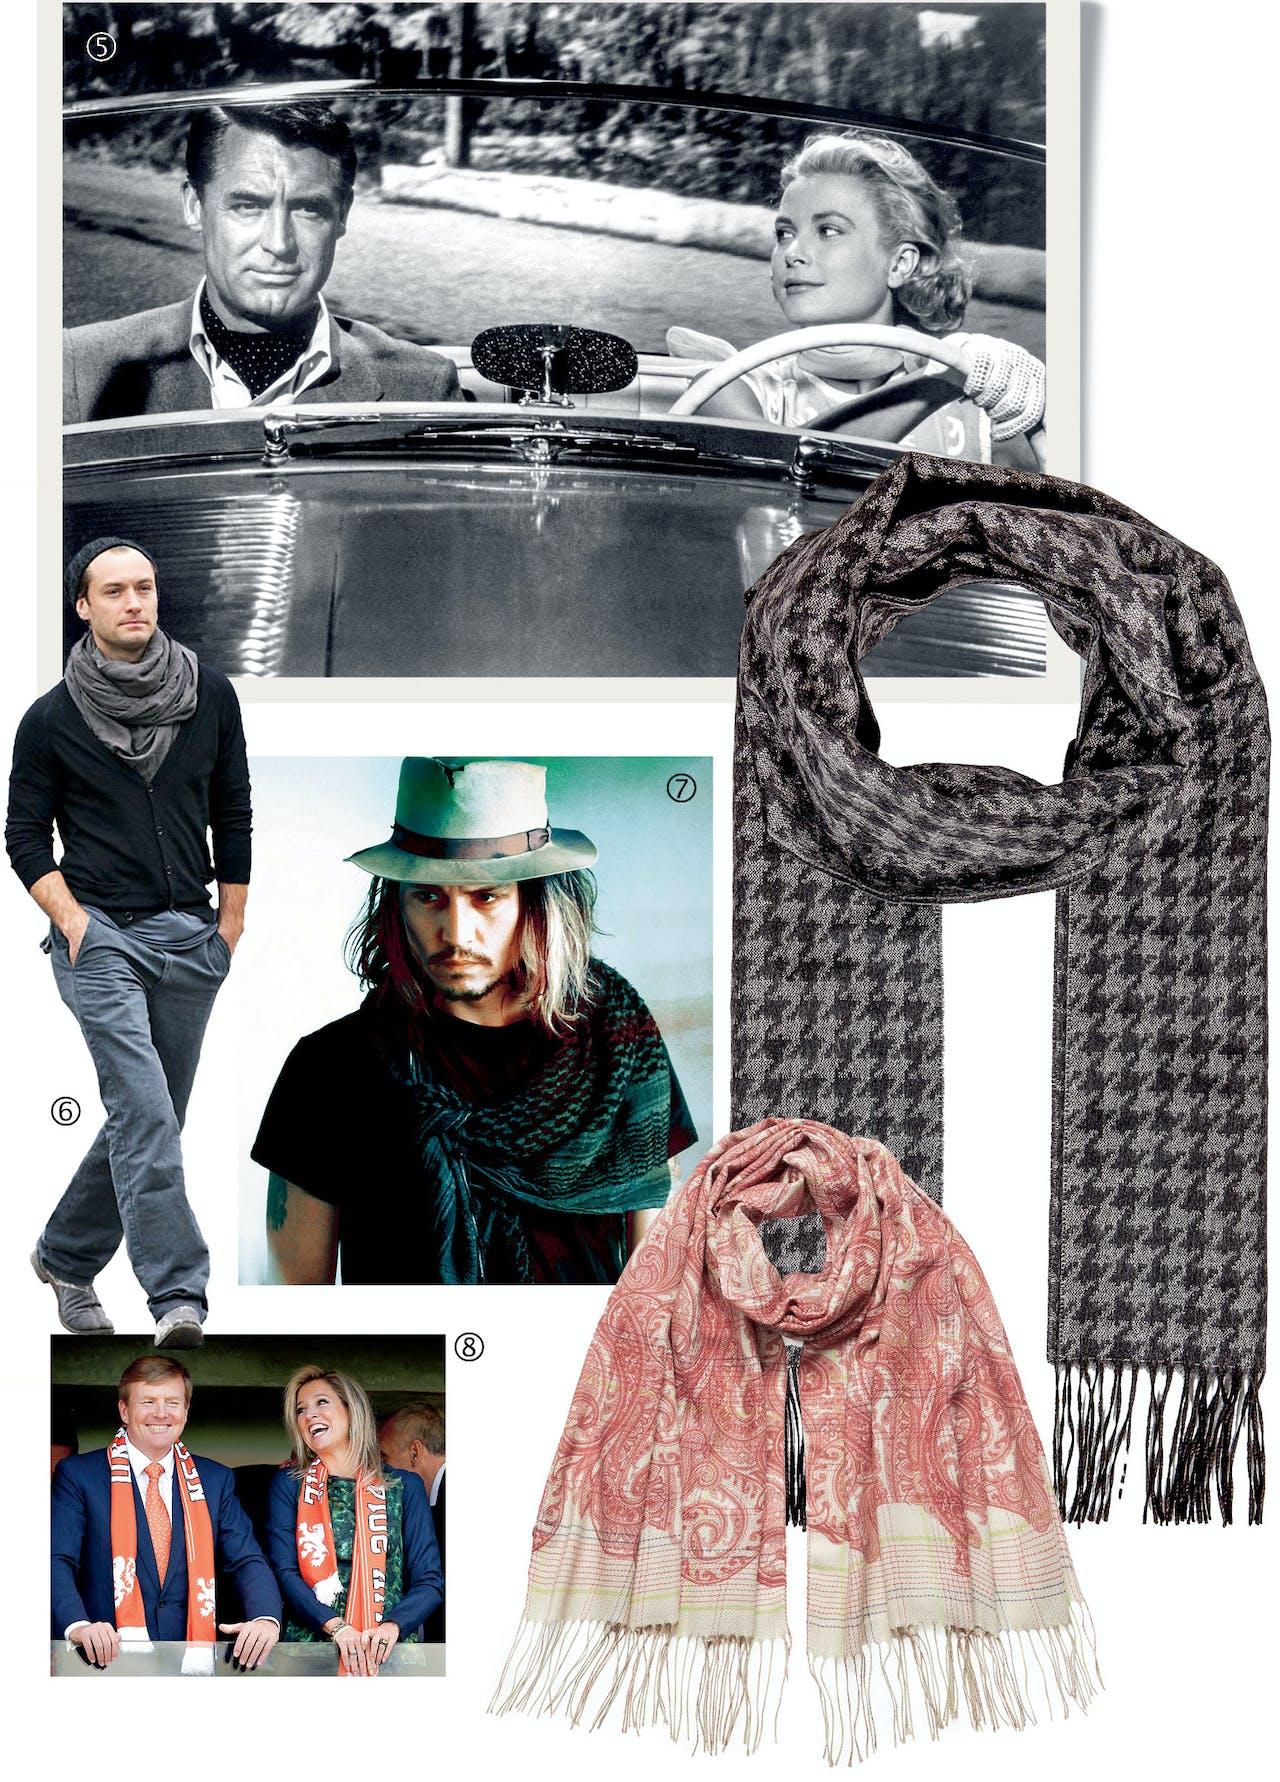 Boven: Brioni, €280, via Stylebop.com. Onder: Etro, €340, via Stylebop.com